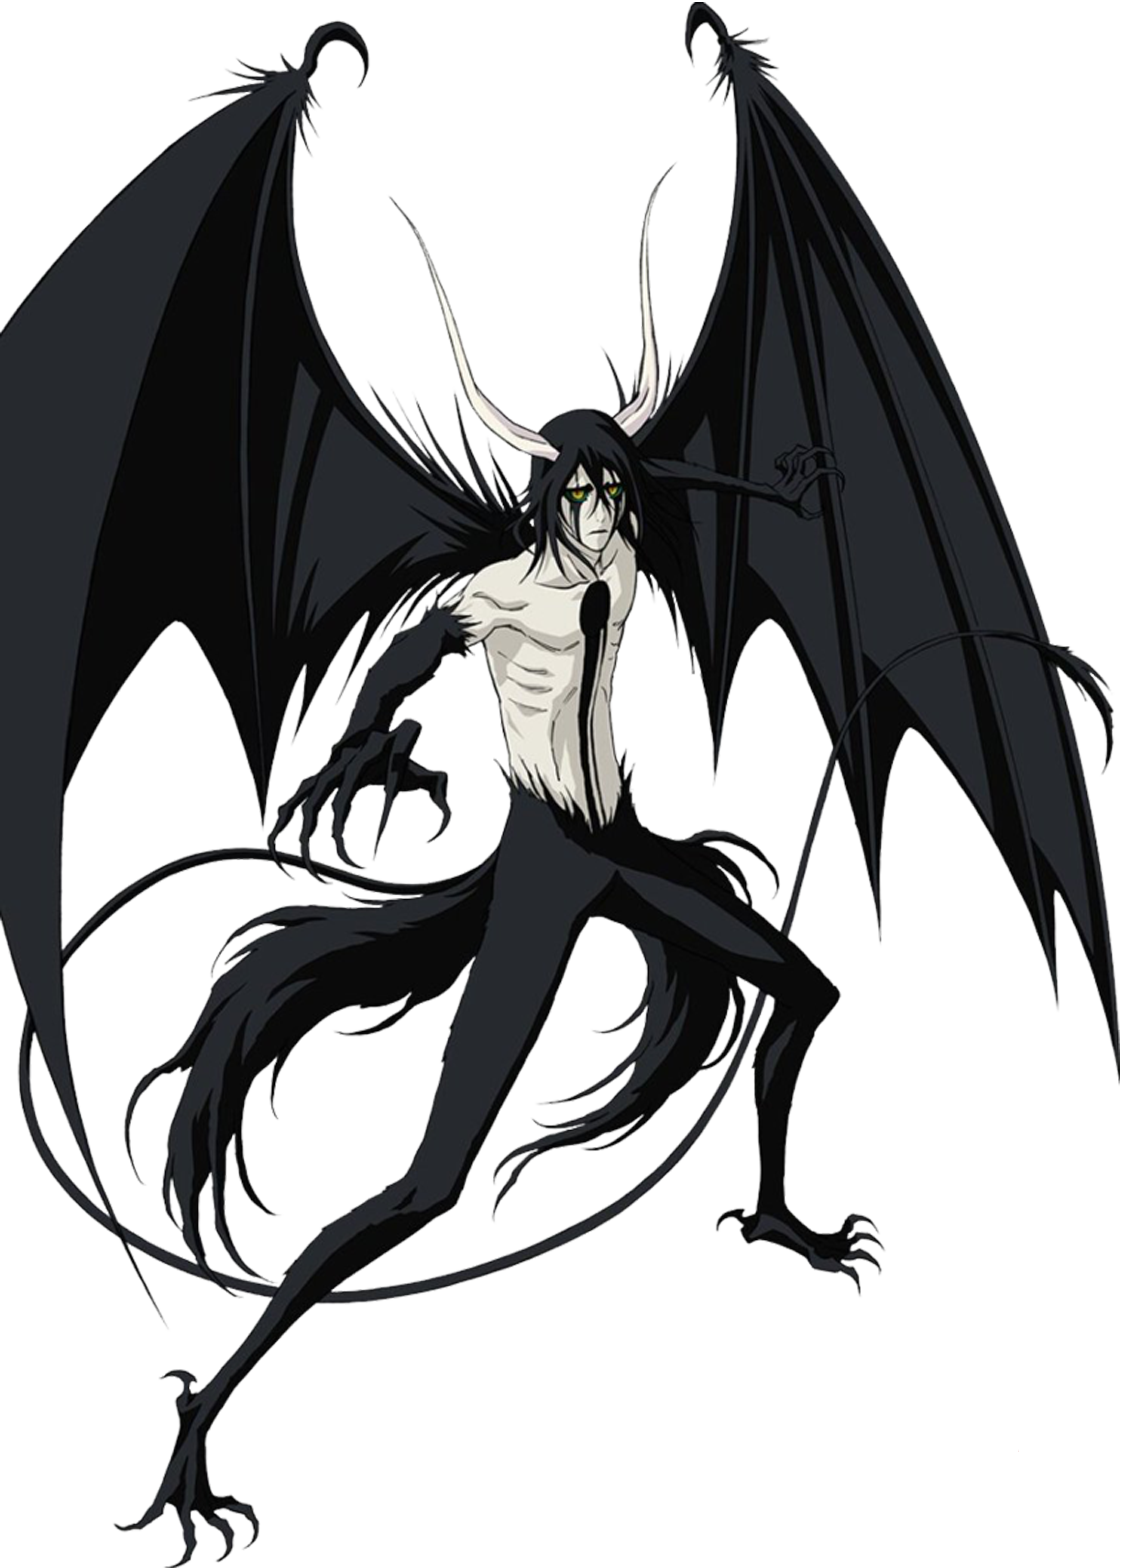 Ulquiorra Cifer Ressurreccion Bleach Anime Bleach Characters Bleach Manga